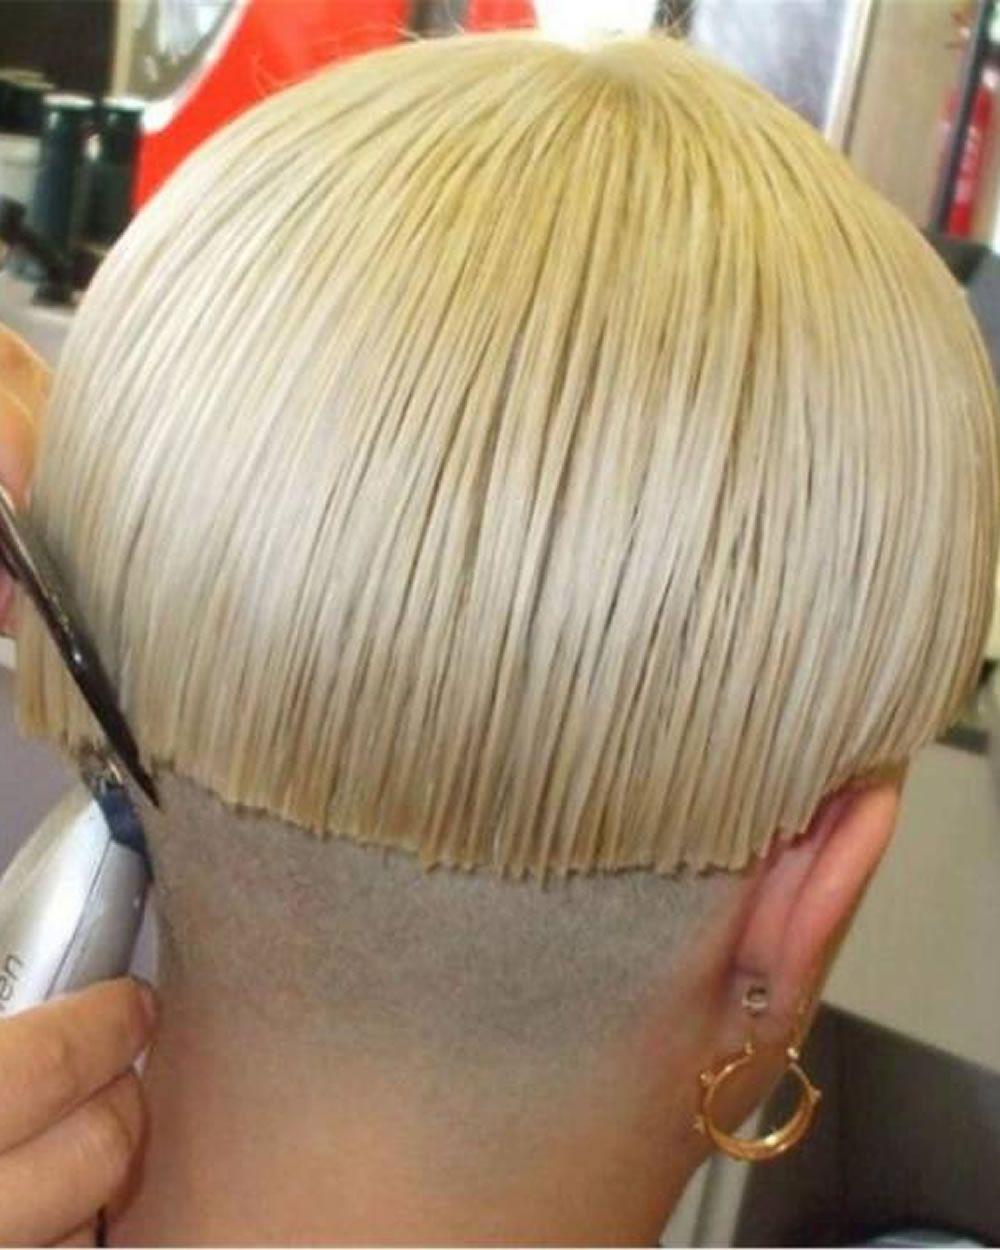 Frisuren Fur Damen Frisuren Stil Haar Kurze Und Lange Frisuren Haarschnitt Ideen Bob Frisur Schussel Geschnitten